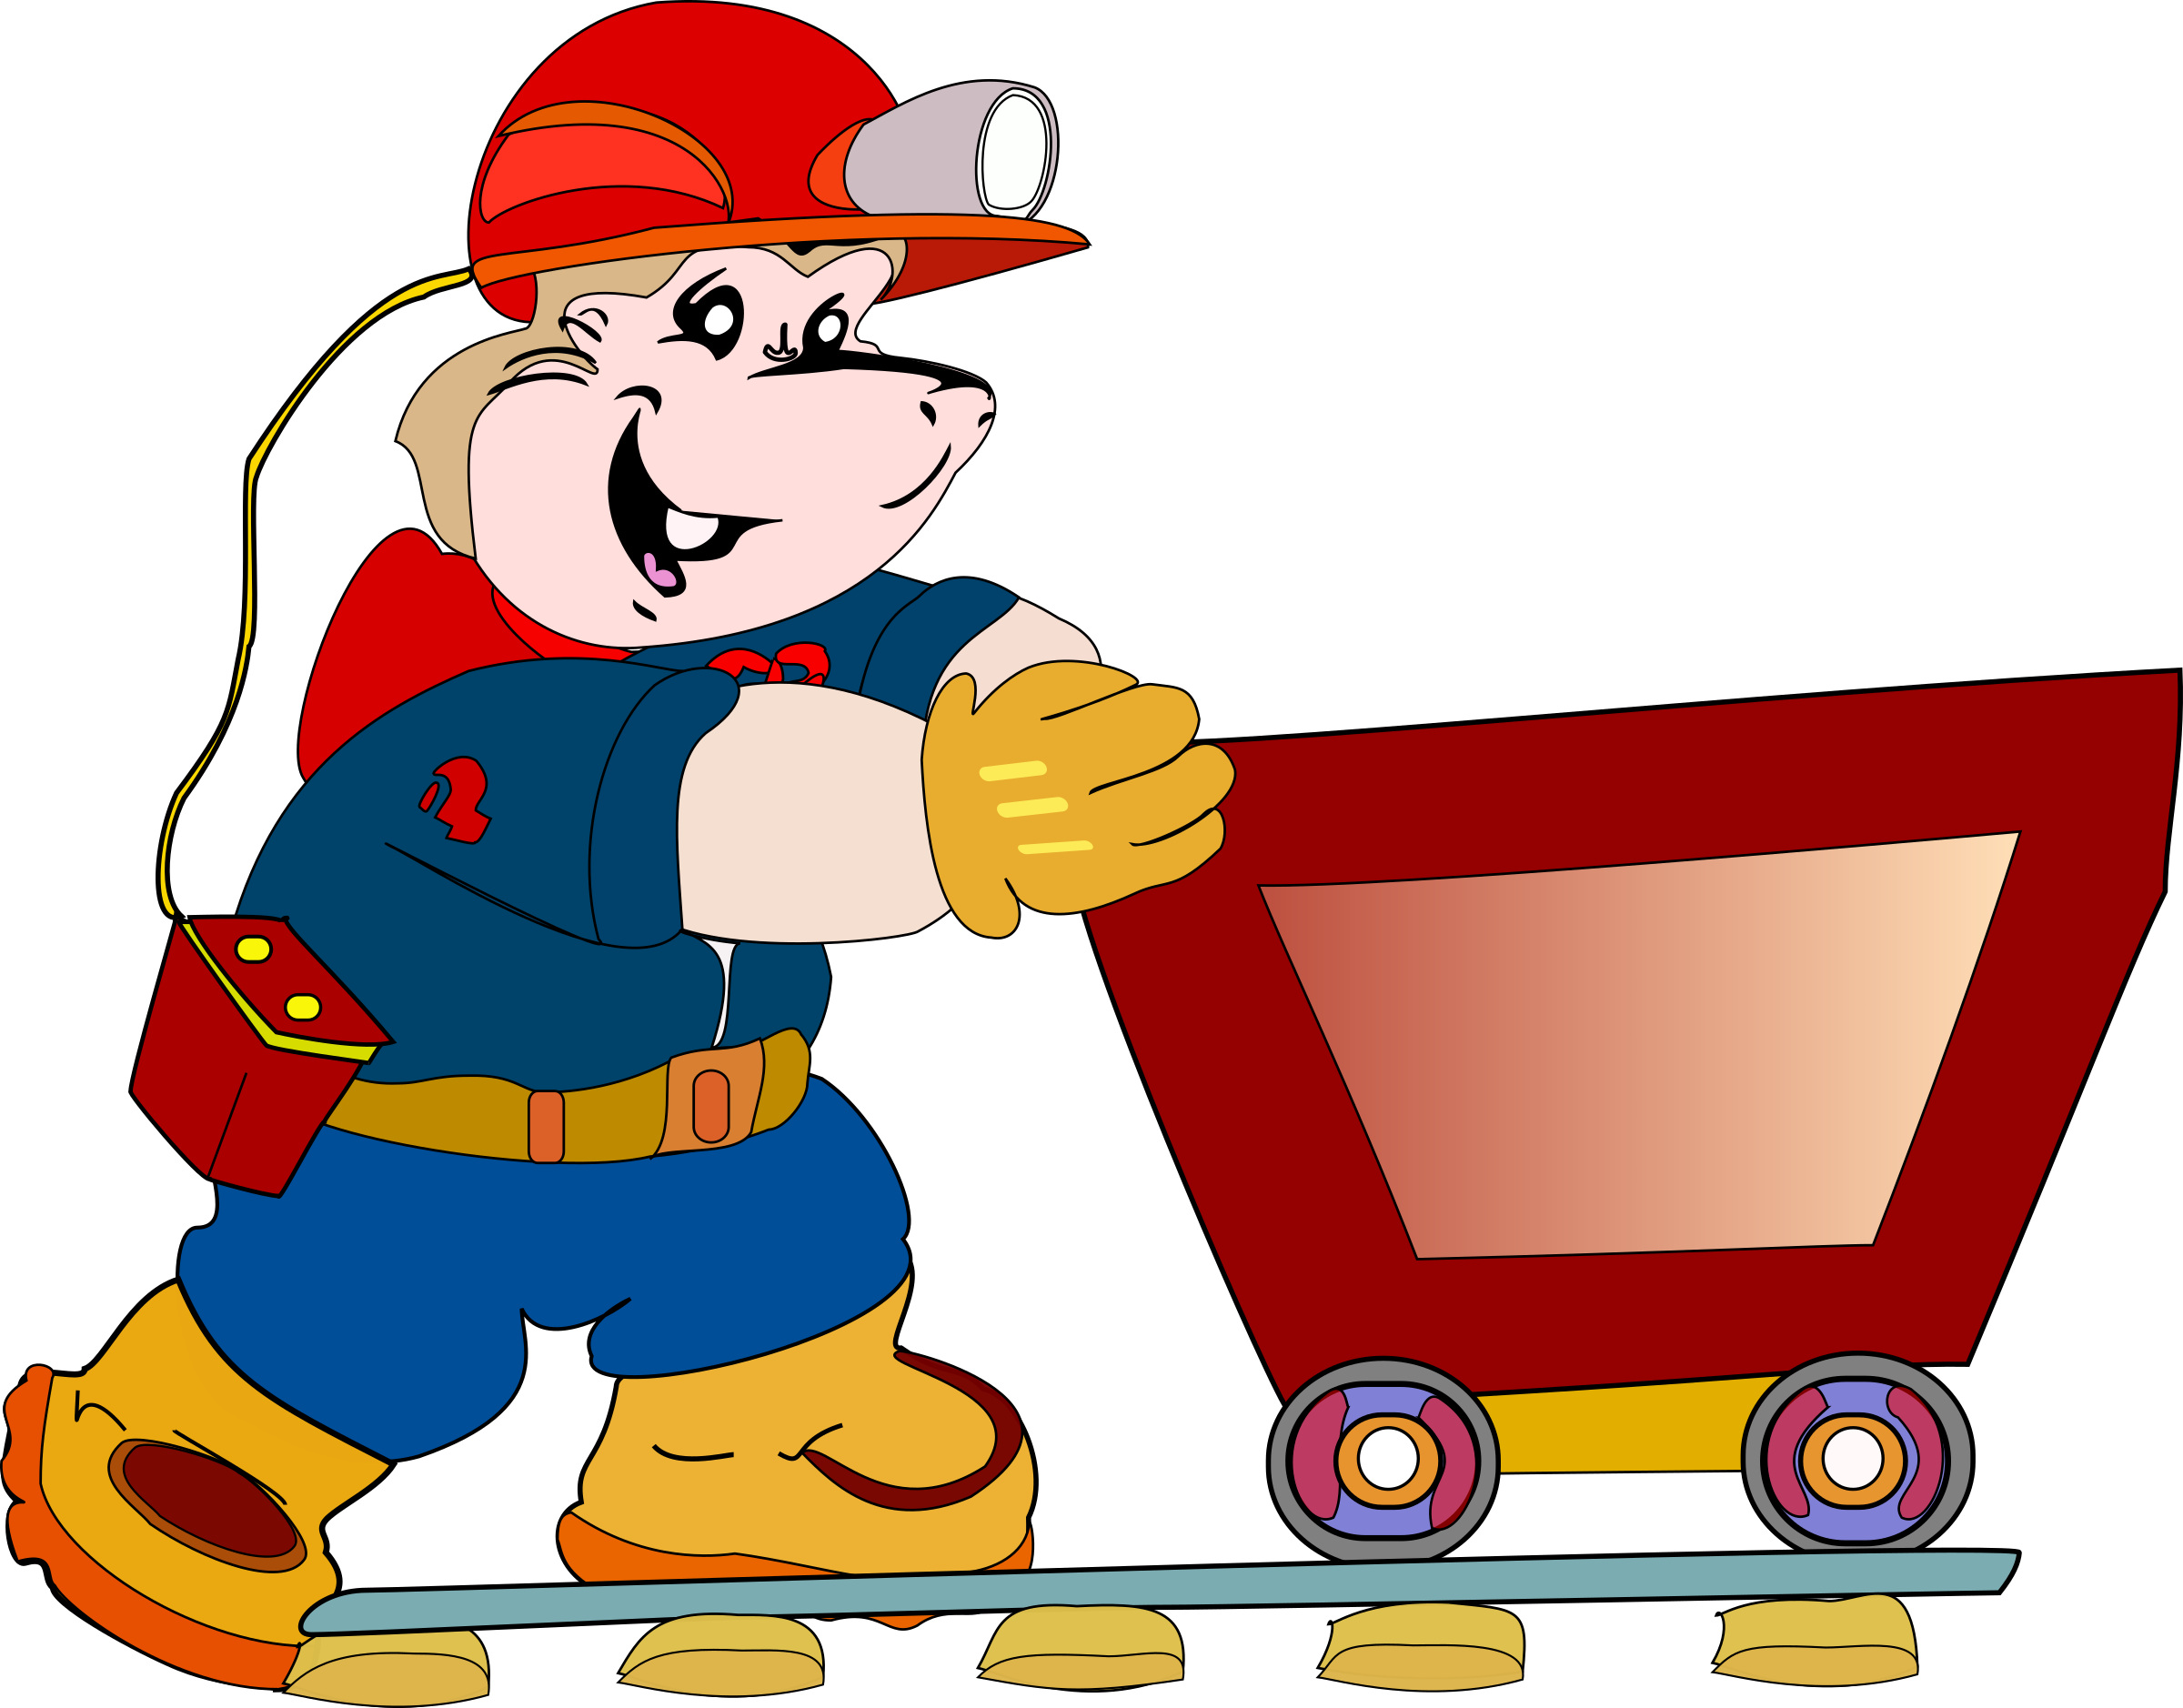 Coal clipart coal miner. Mascot big image png